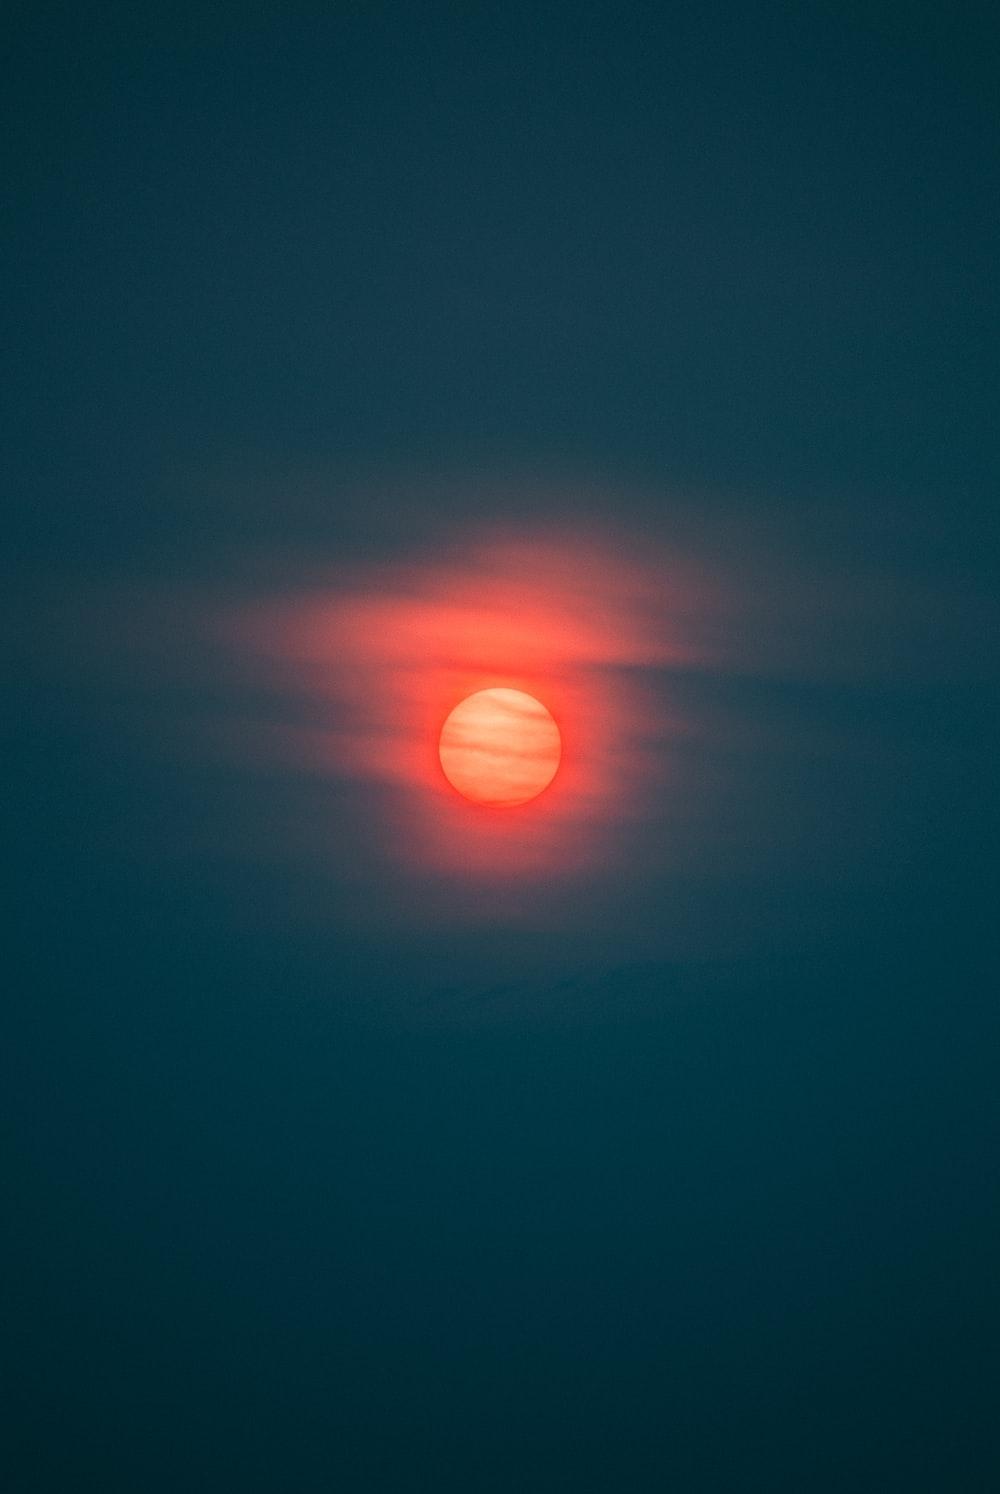 yellow and orange sun